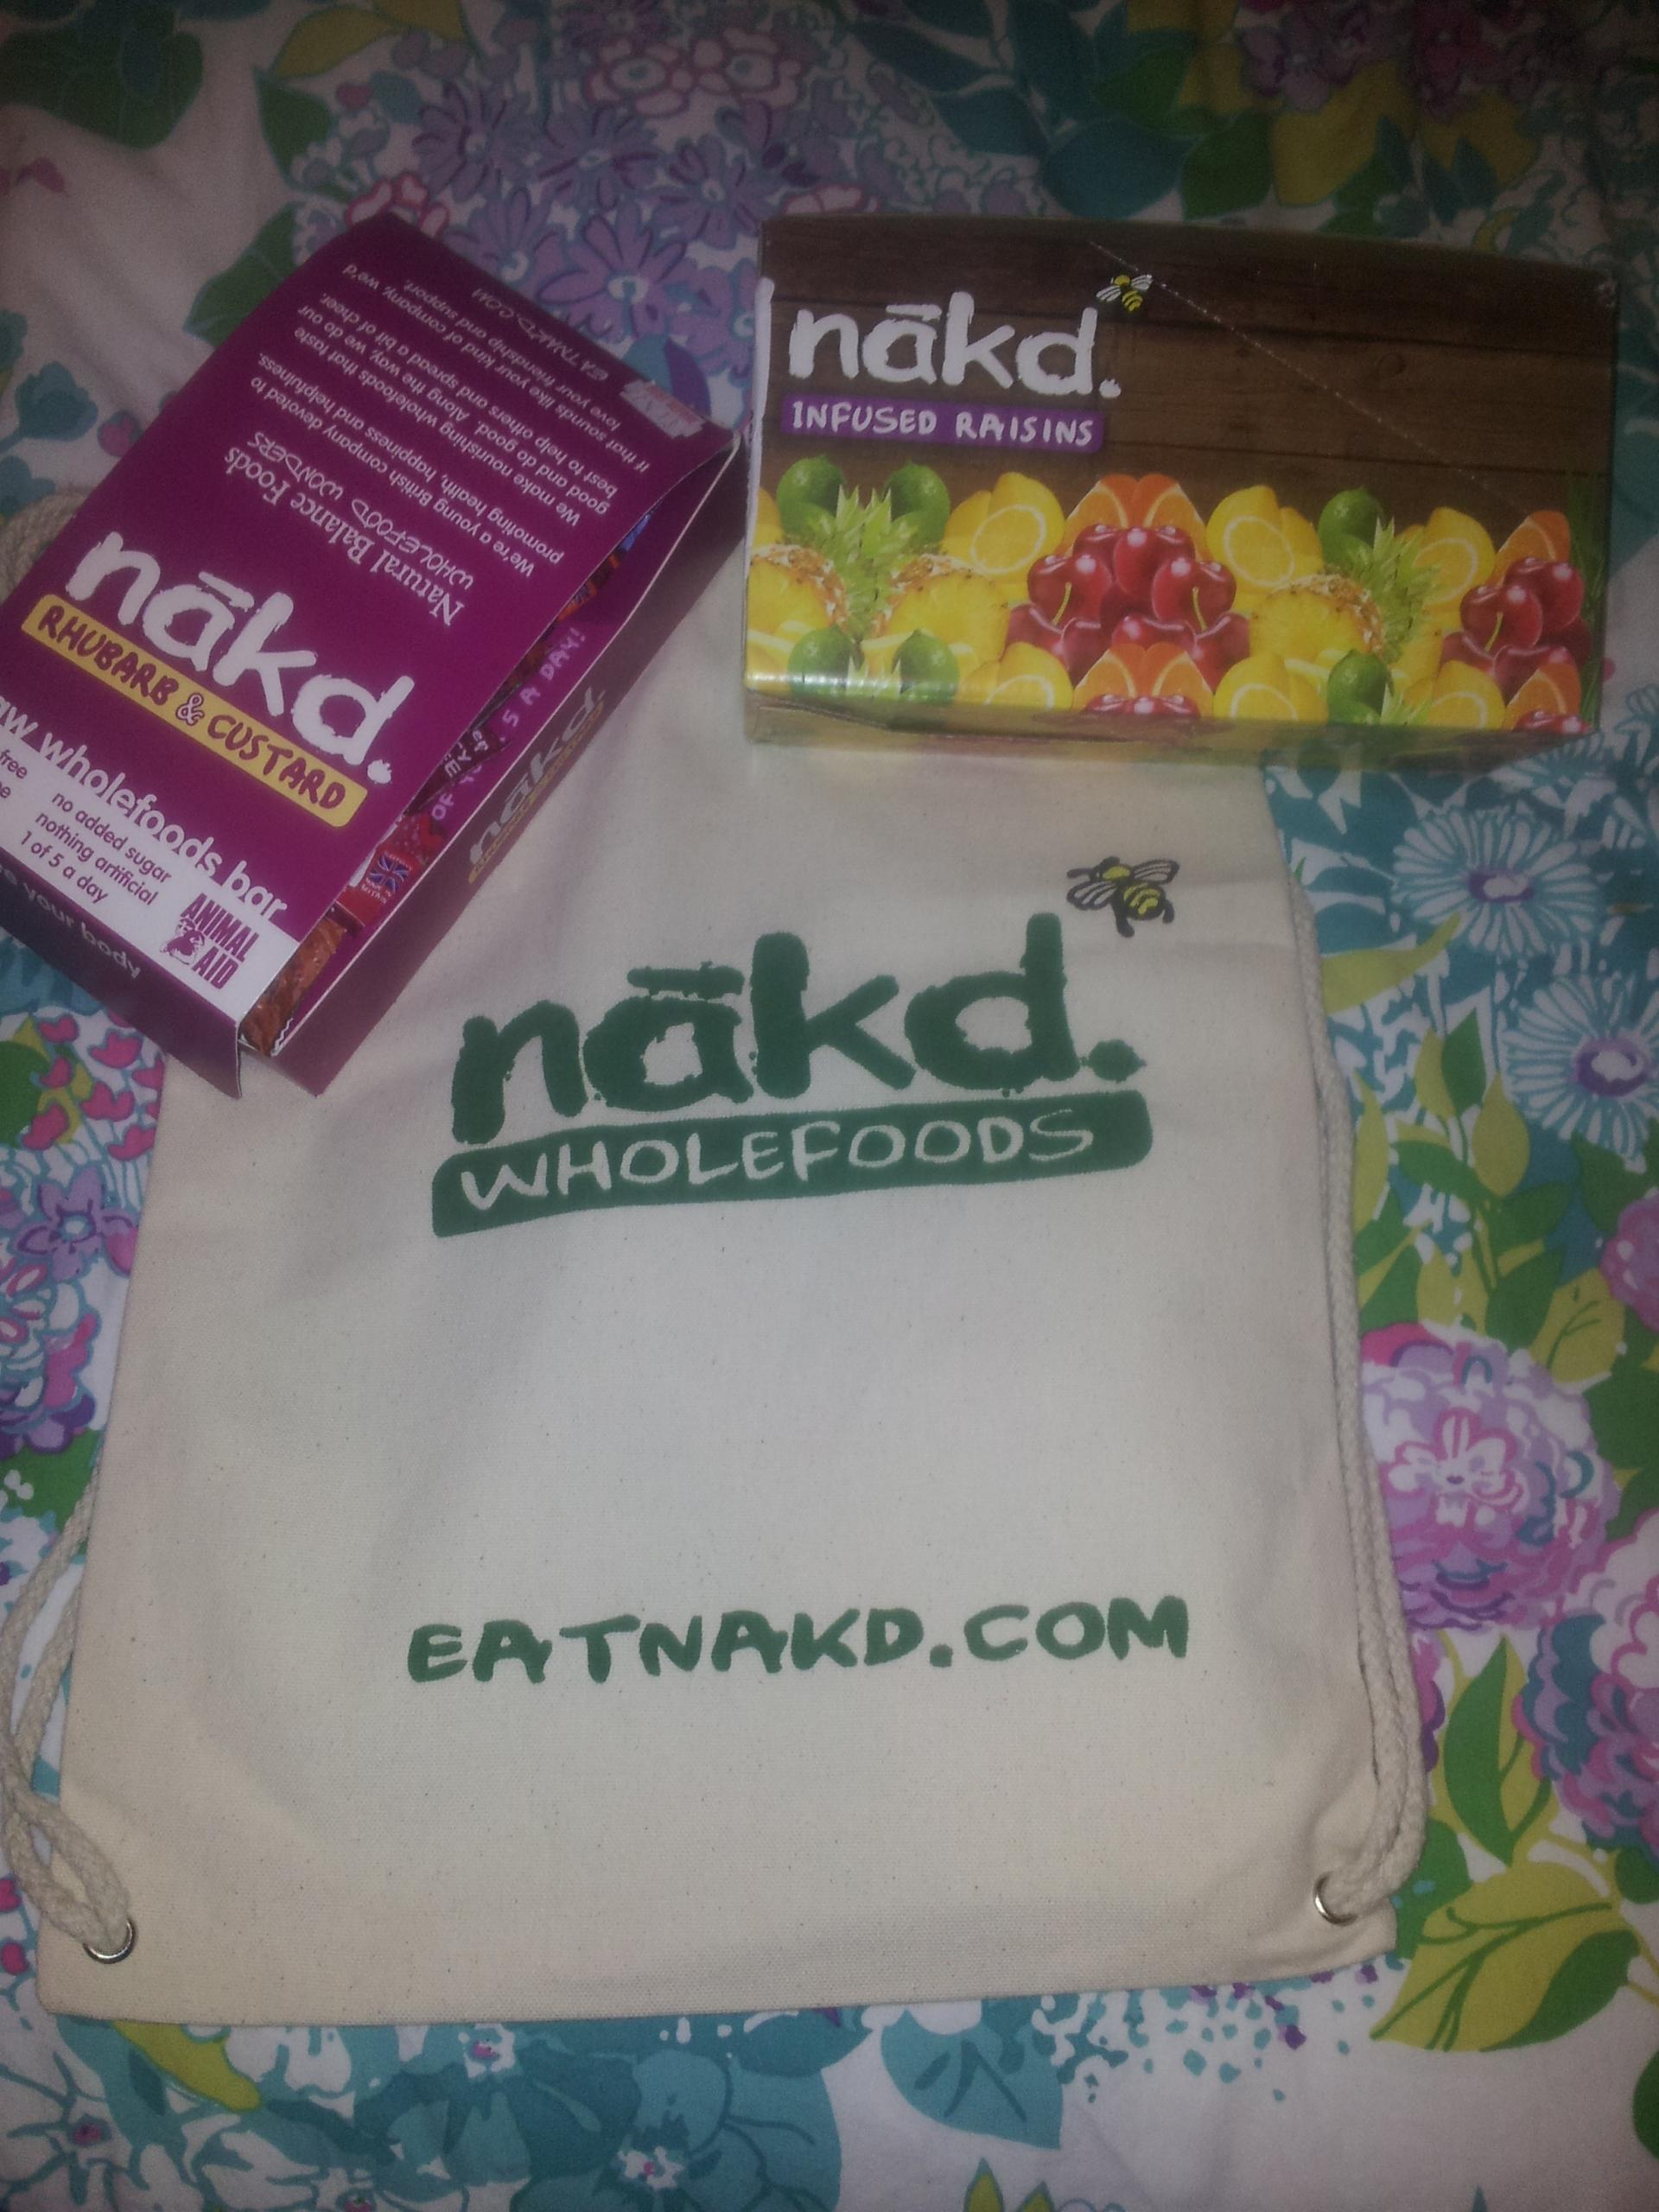 My Nakd goodie bag